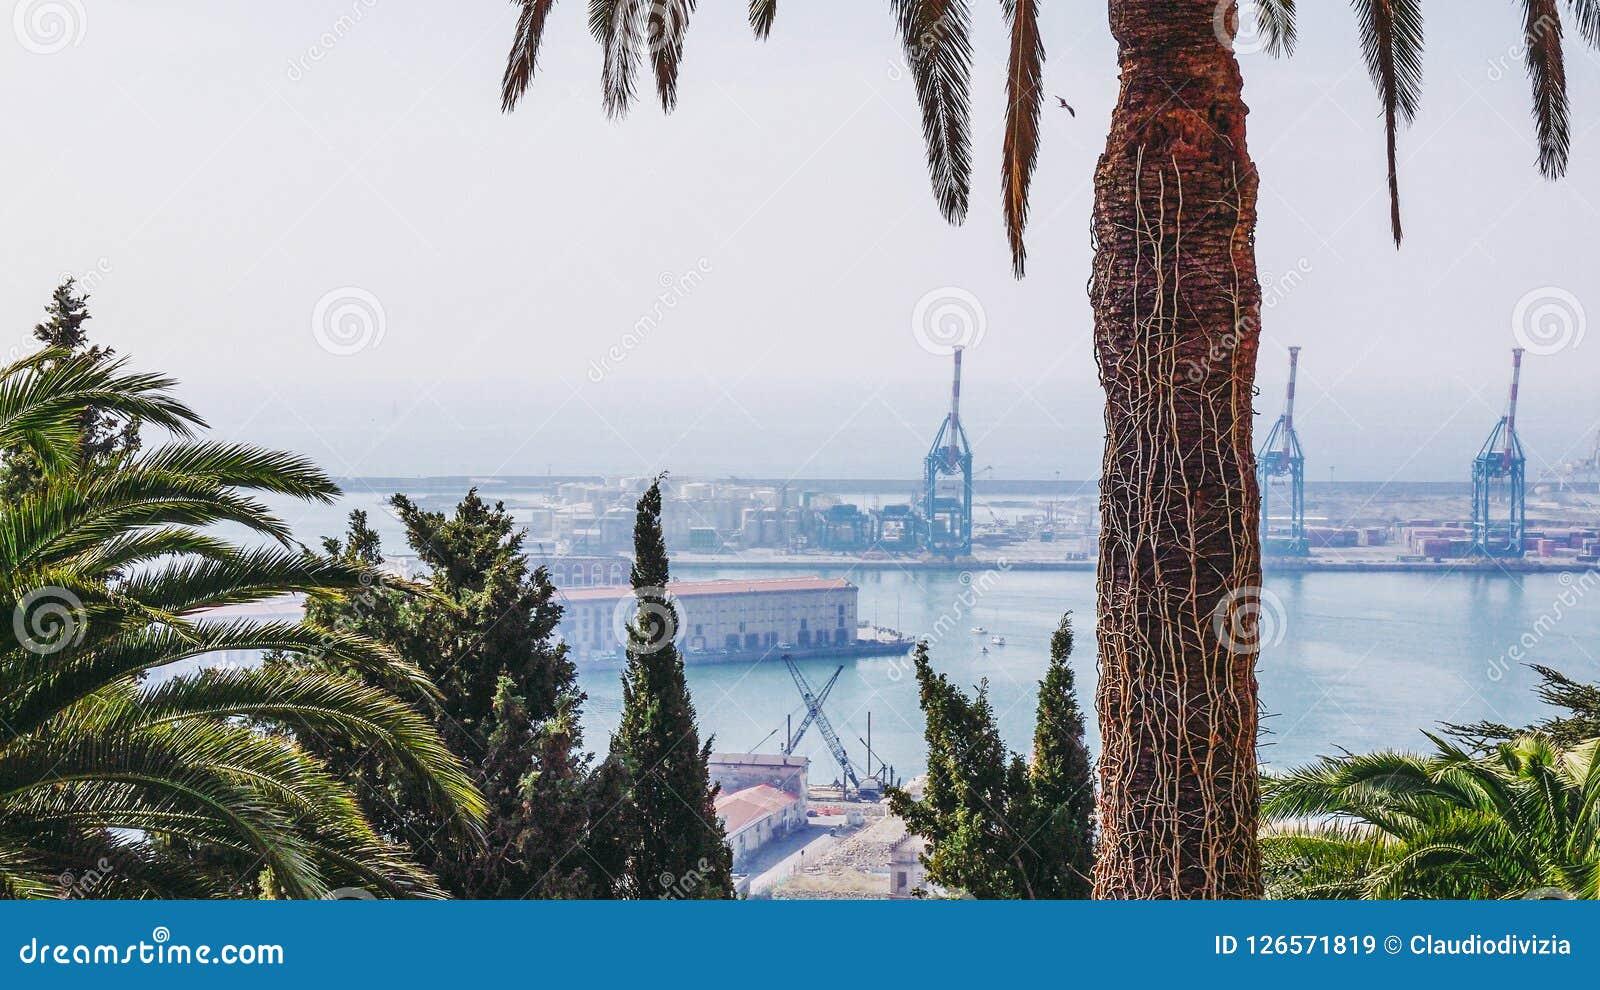 Port Genoa Italy